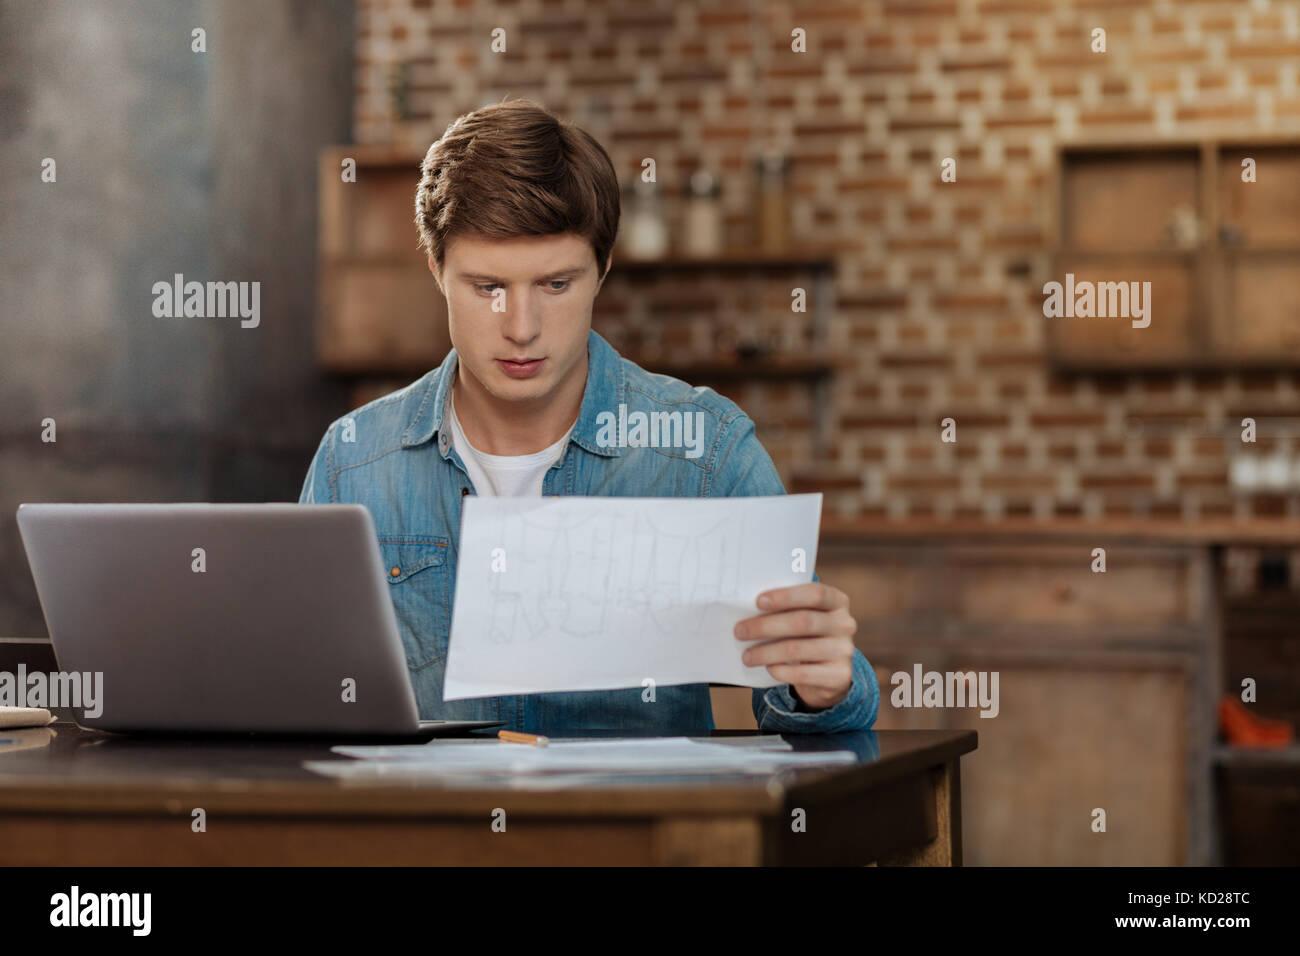 Hübscher junger Mann Studium der Blueprint Stockbild